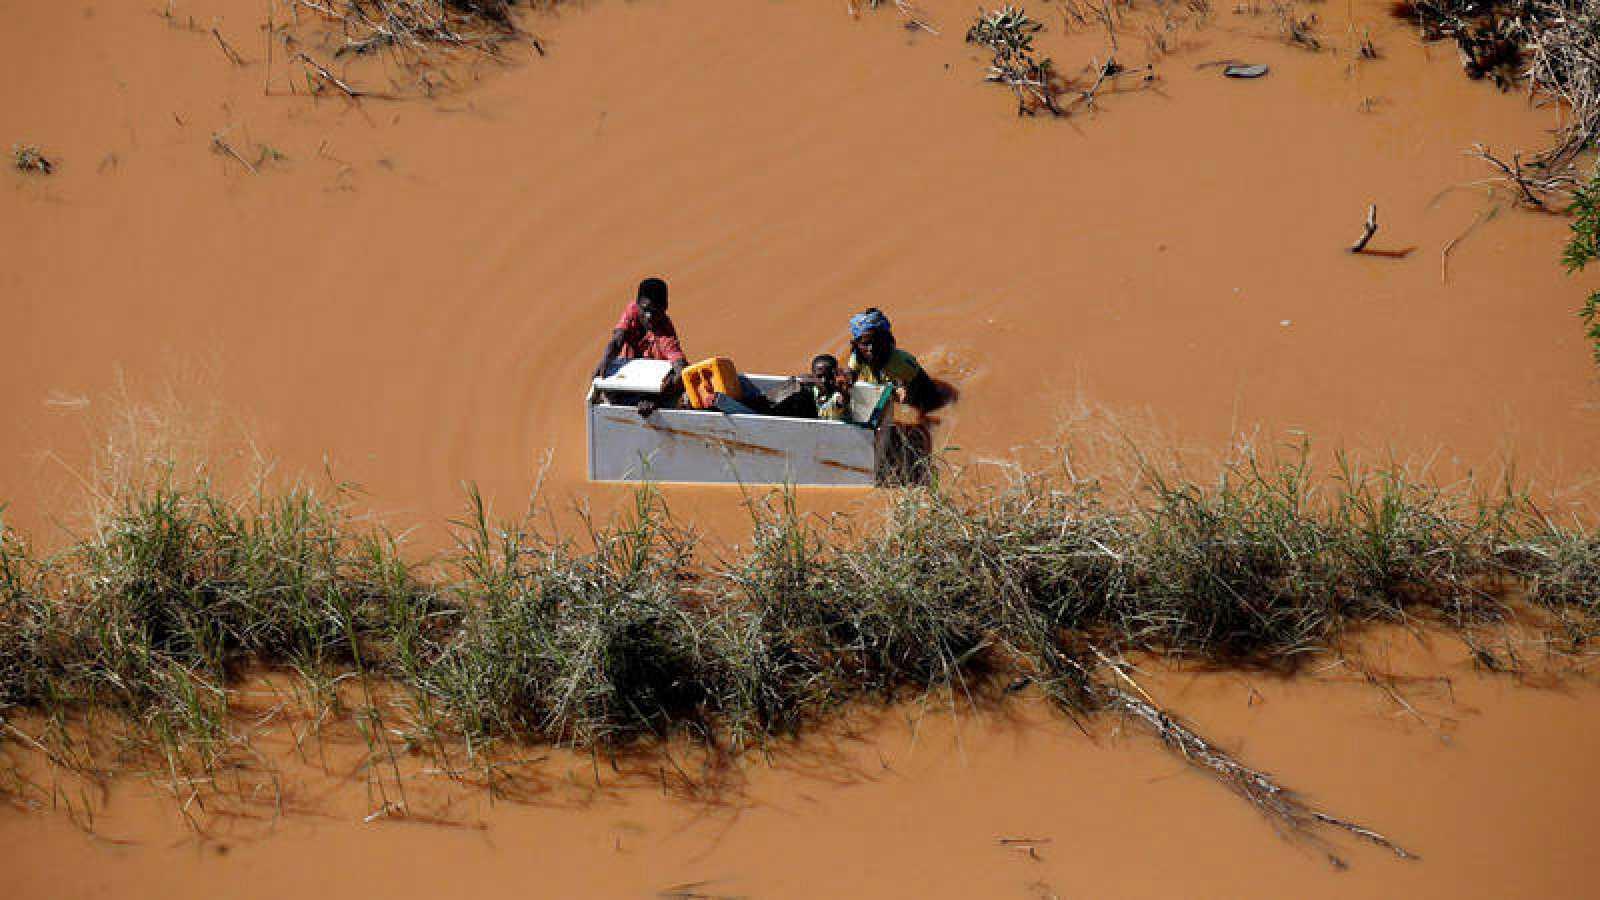 Un niño es salvado del ciclón Idai, en Mozambique, en un improvisado barco